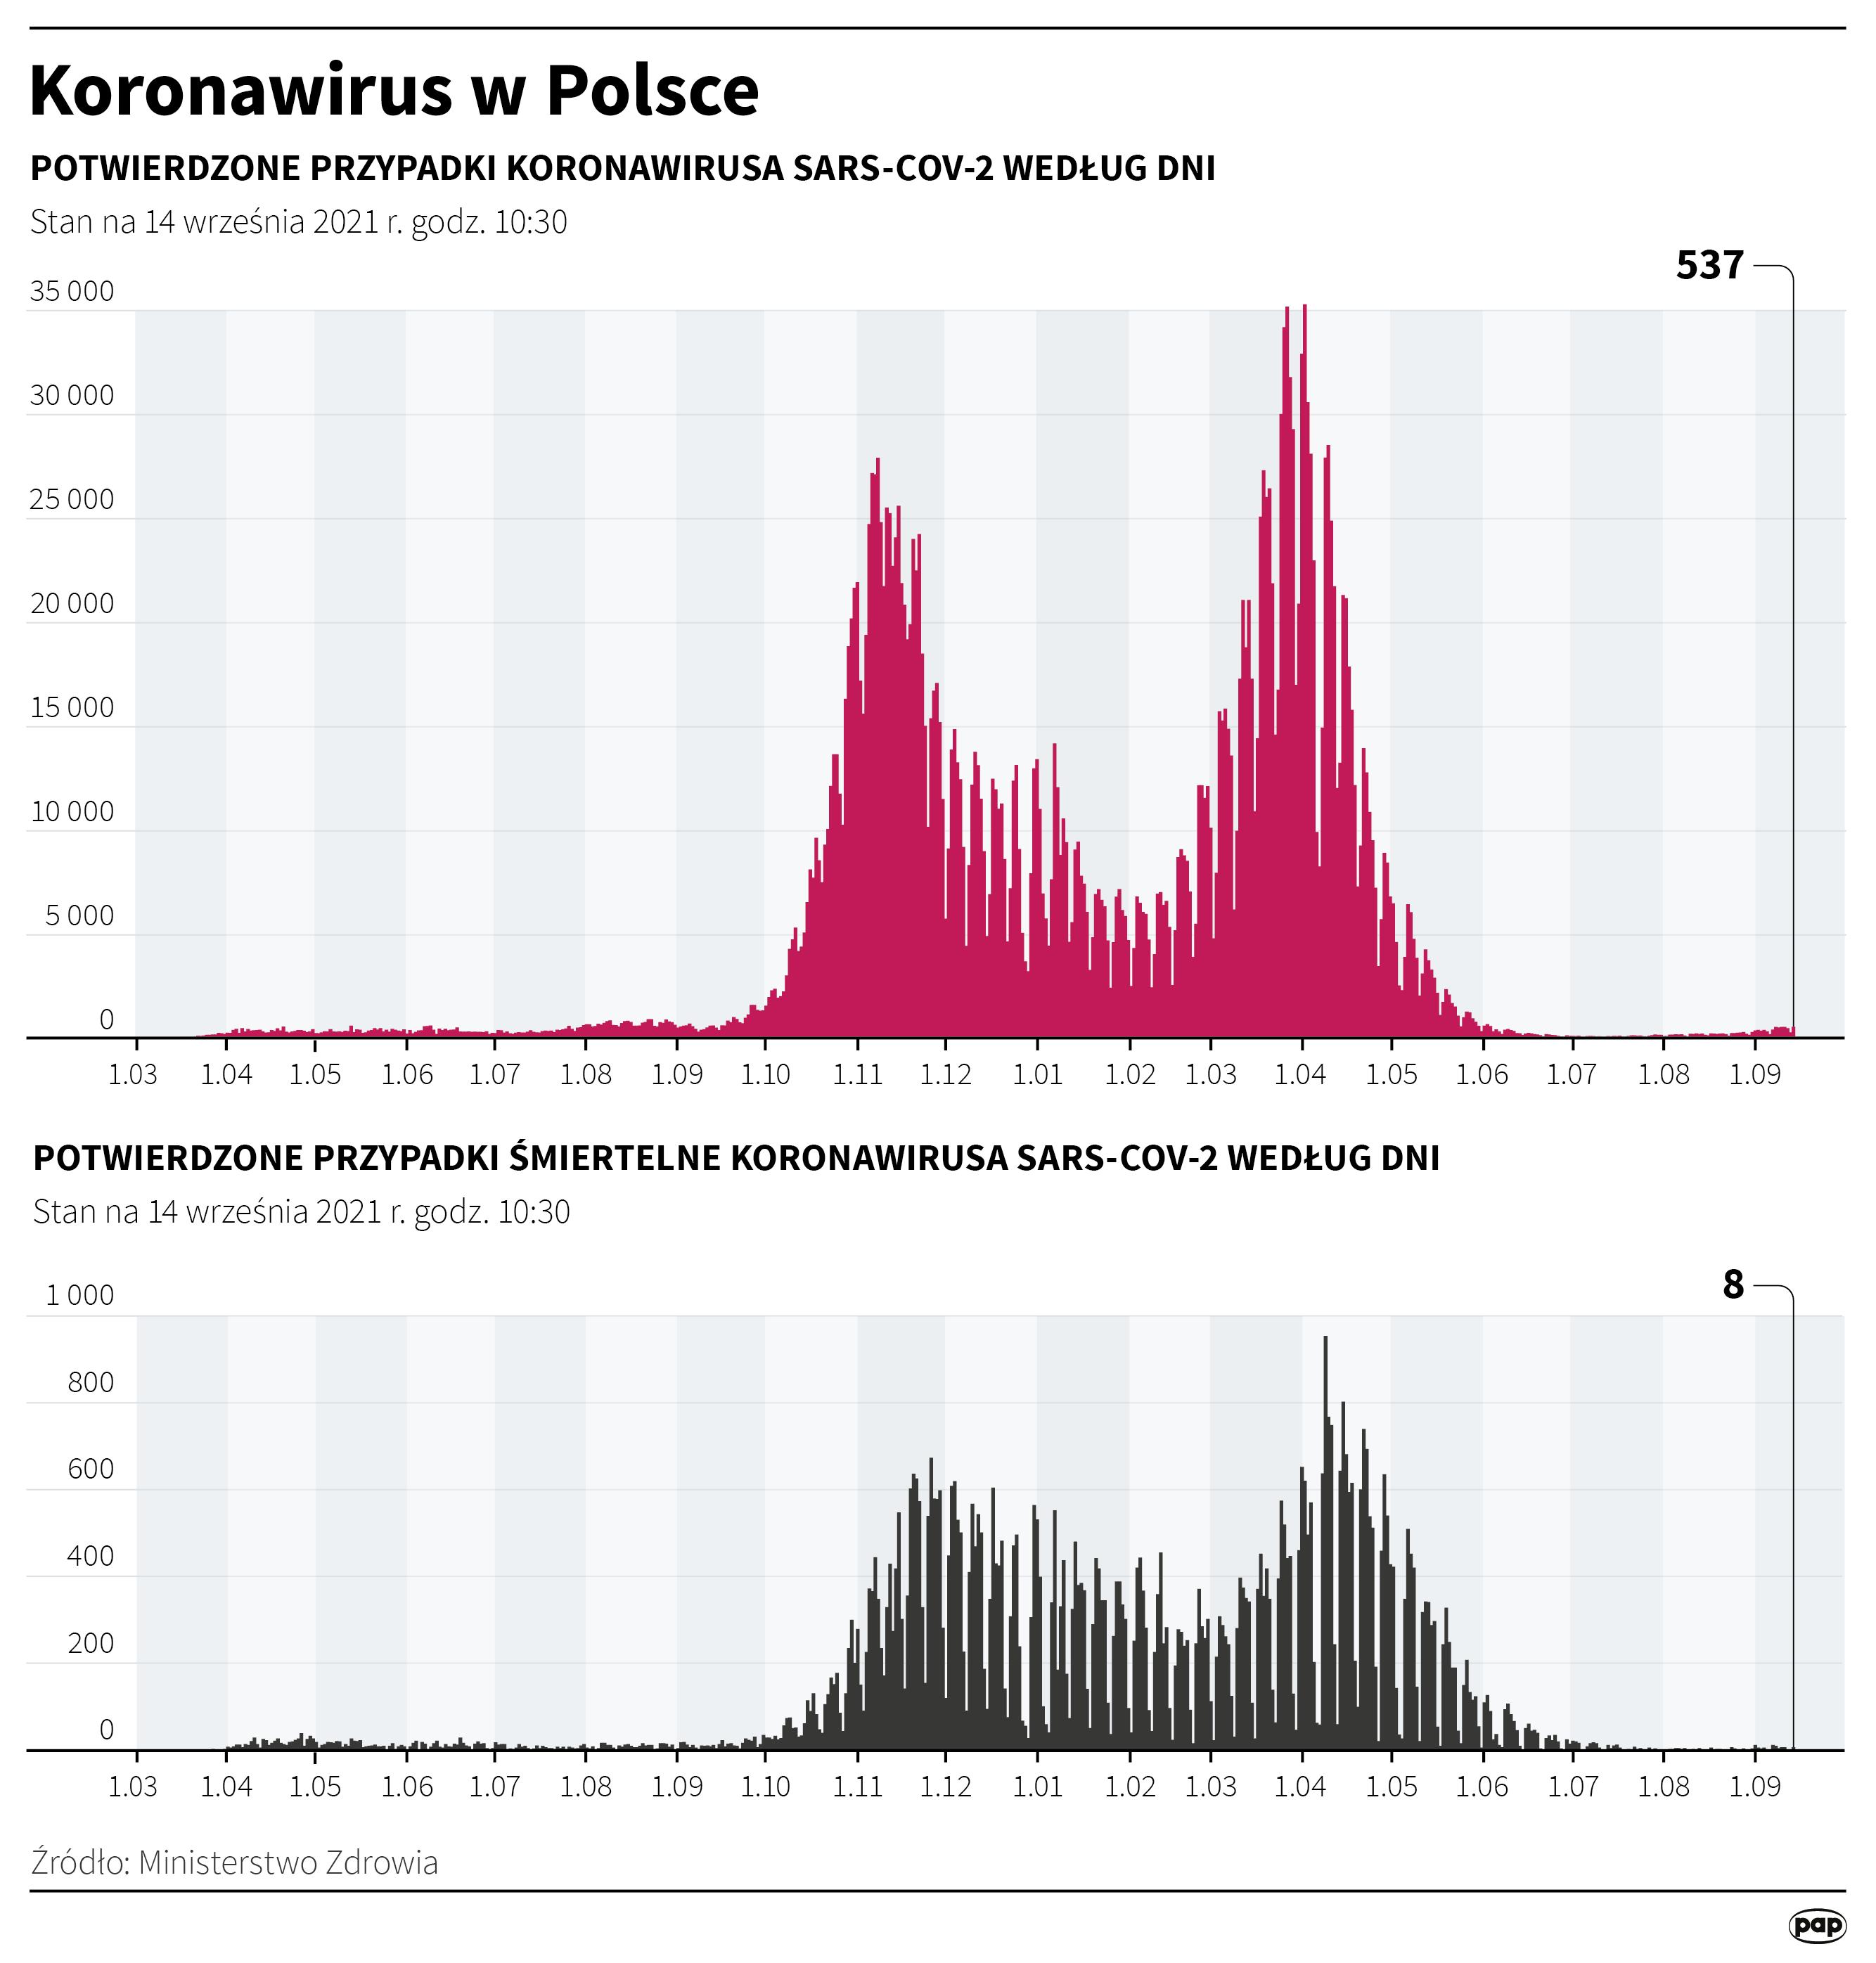 Koronawirus w Polsce - stan na 14 września [Autor: Maciej Zieliński, źródło: PAP]